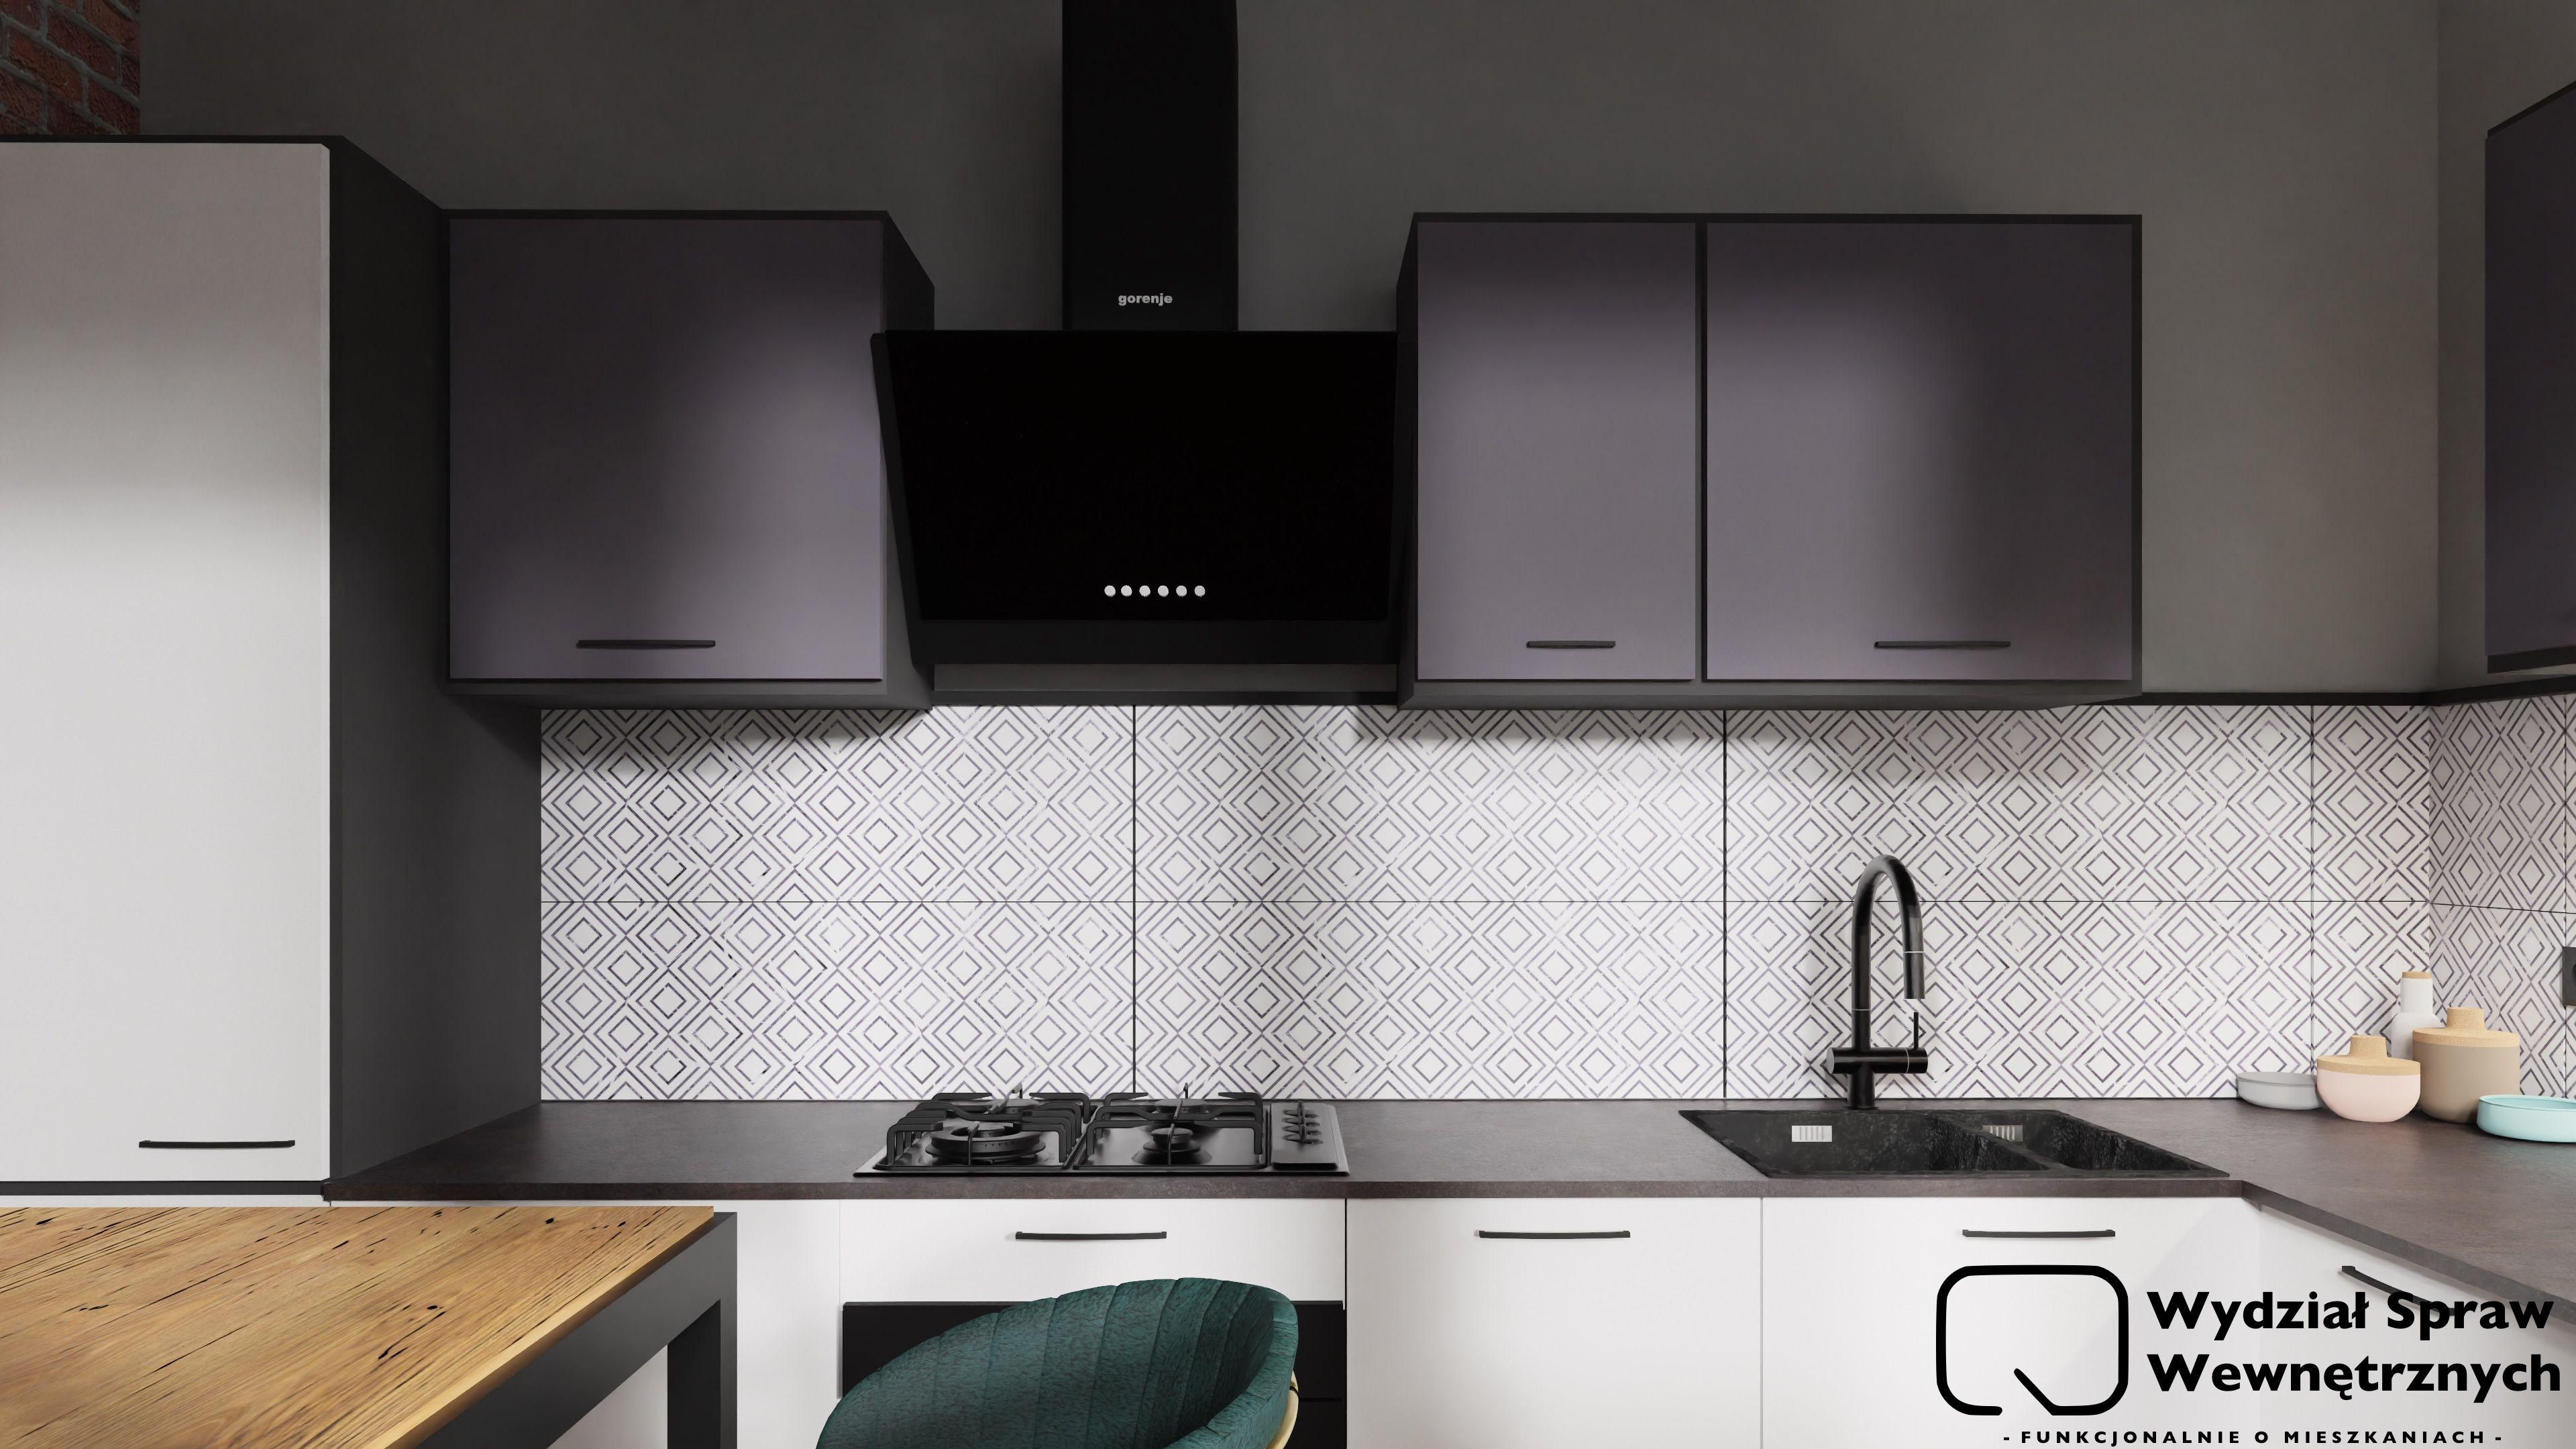 Bialo Grafitowa Kuchnia Kuchnia Agata Meble Prosta Kuchnia Home Decor Home Kitchen Cabinets